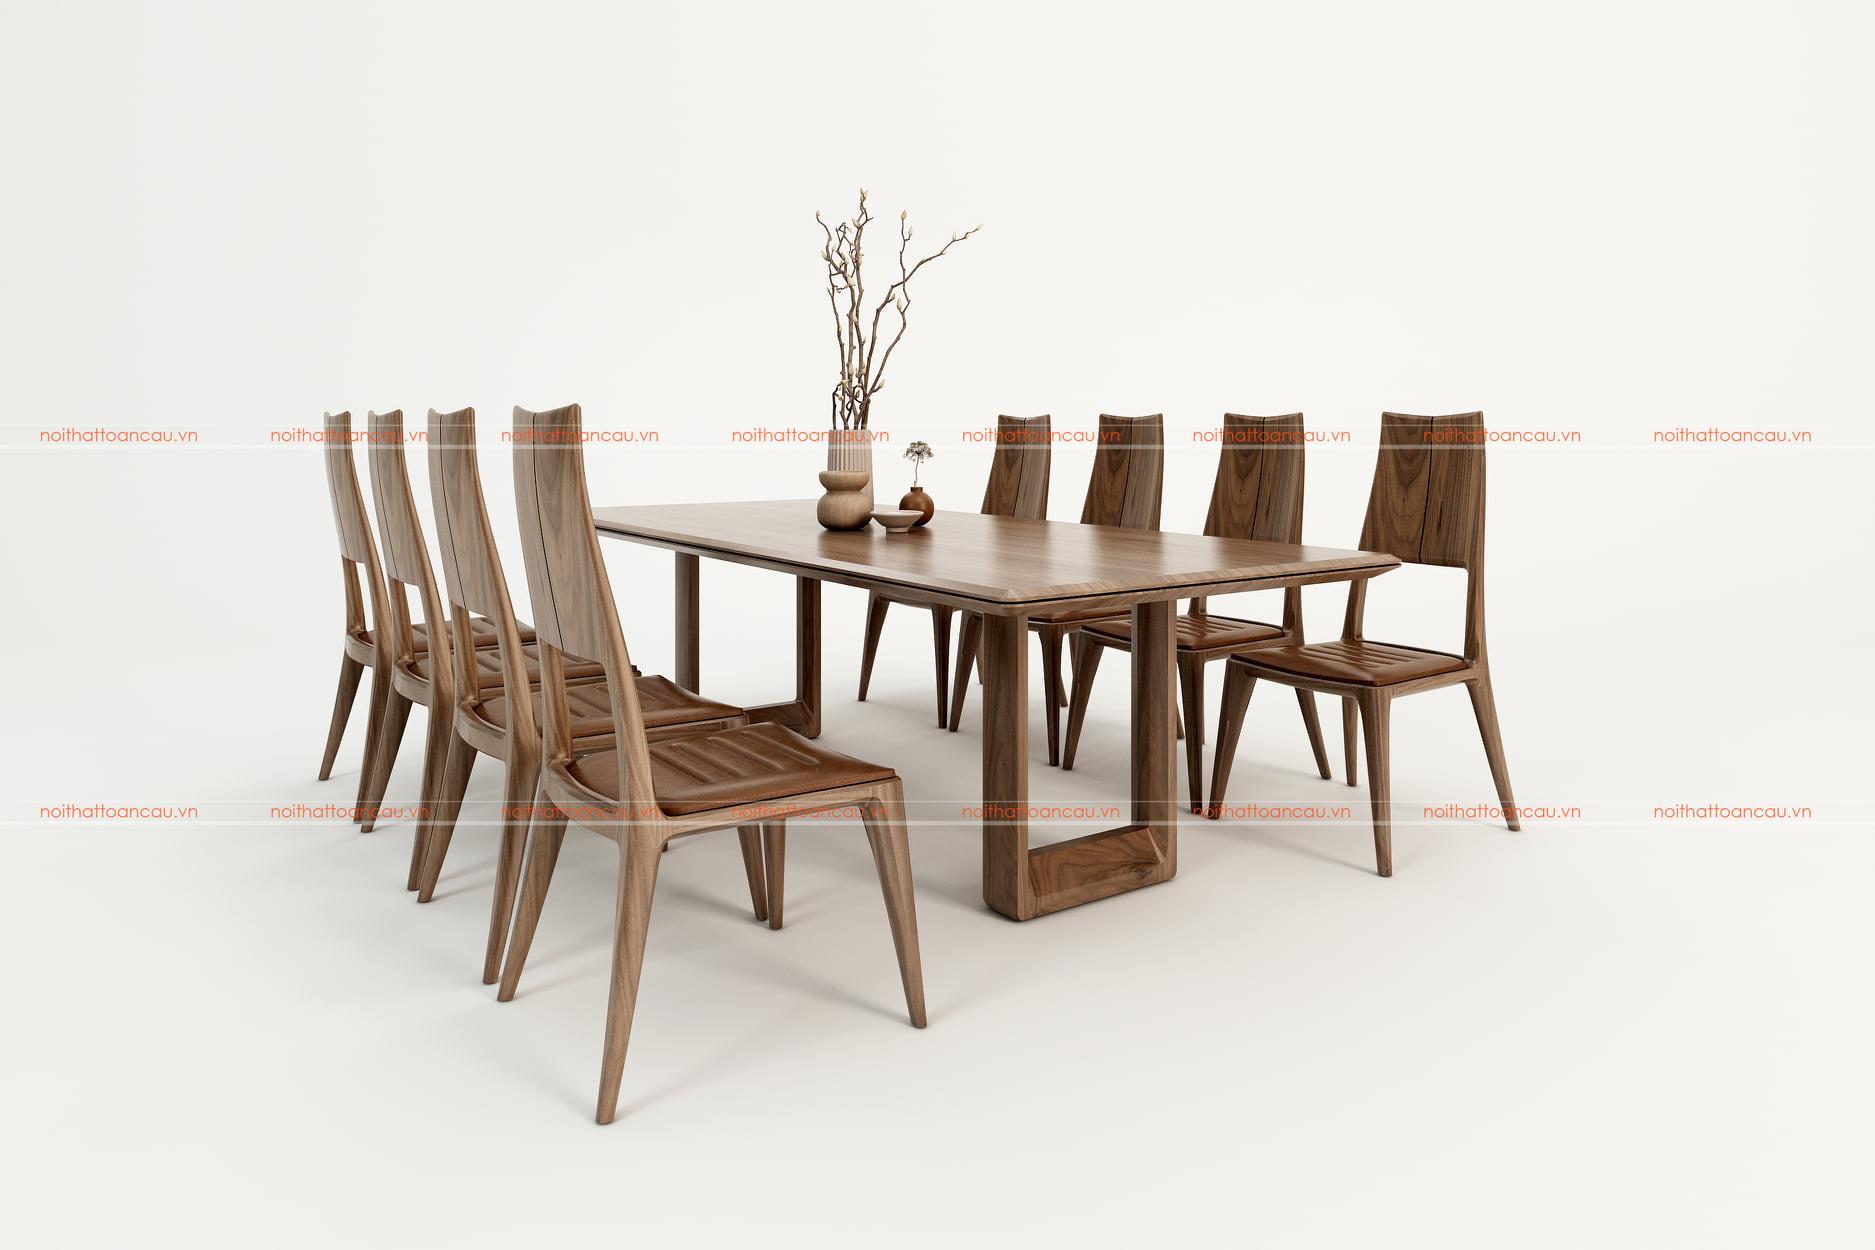 Bàn ghế ăn gỗ óc chó tự nhiên tc811 d